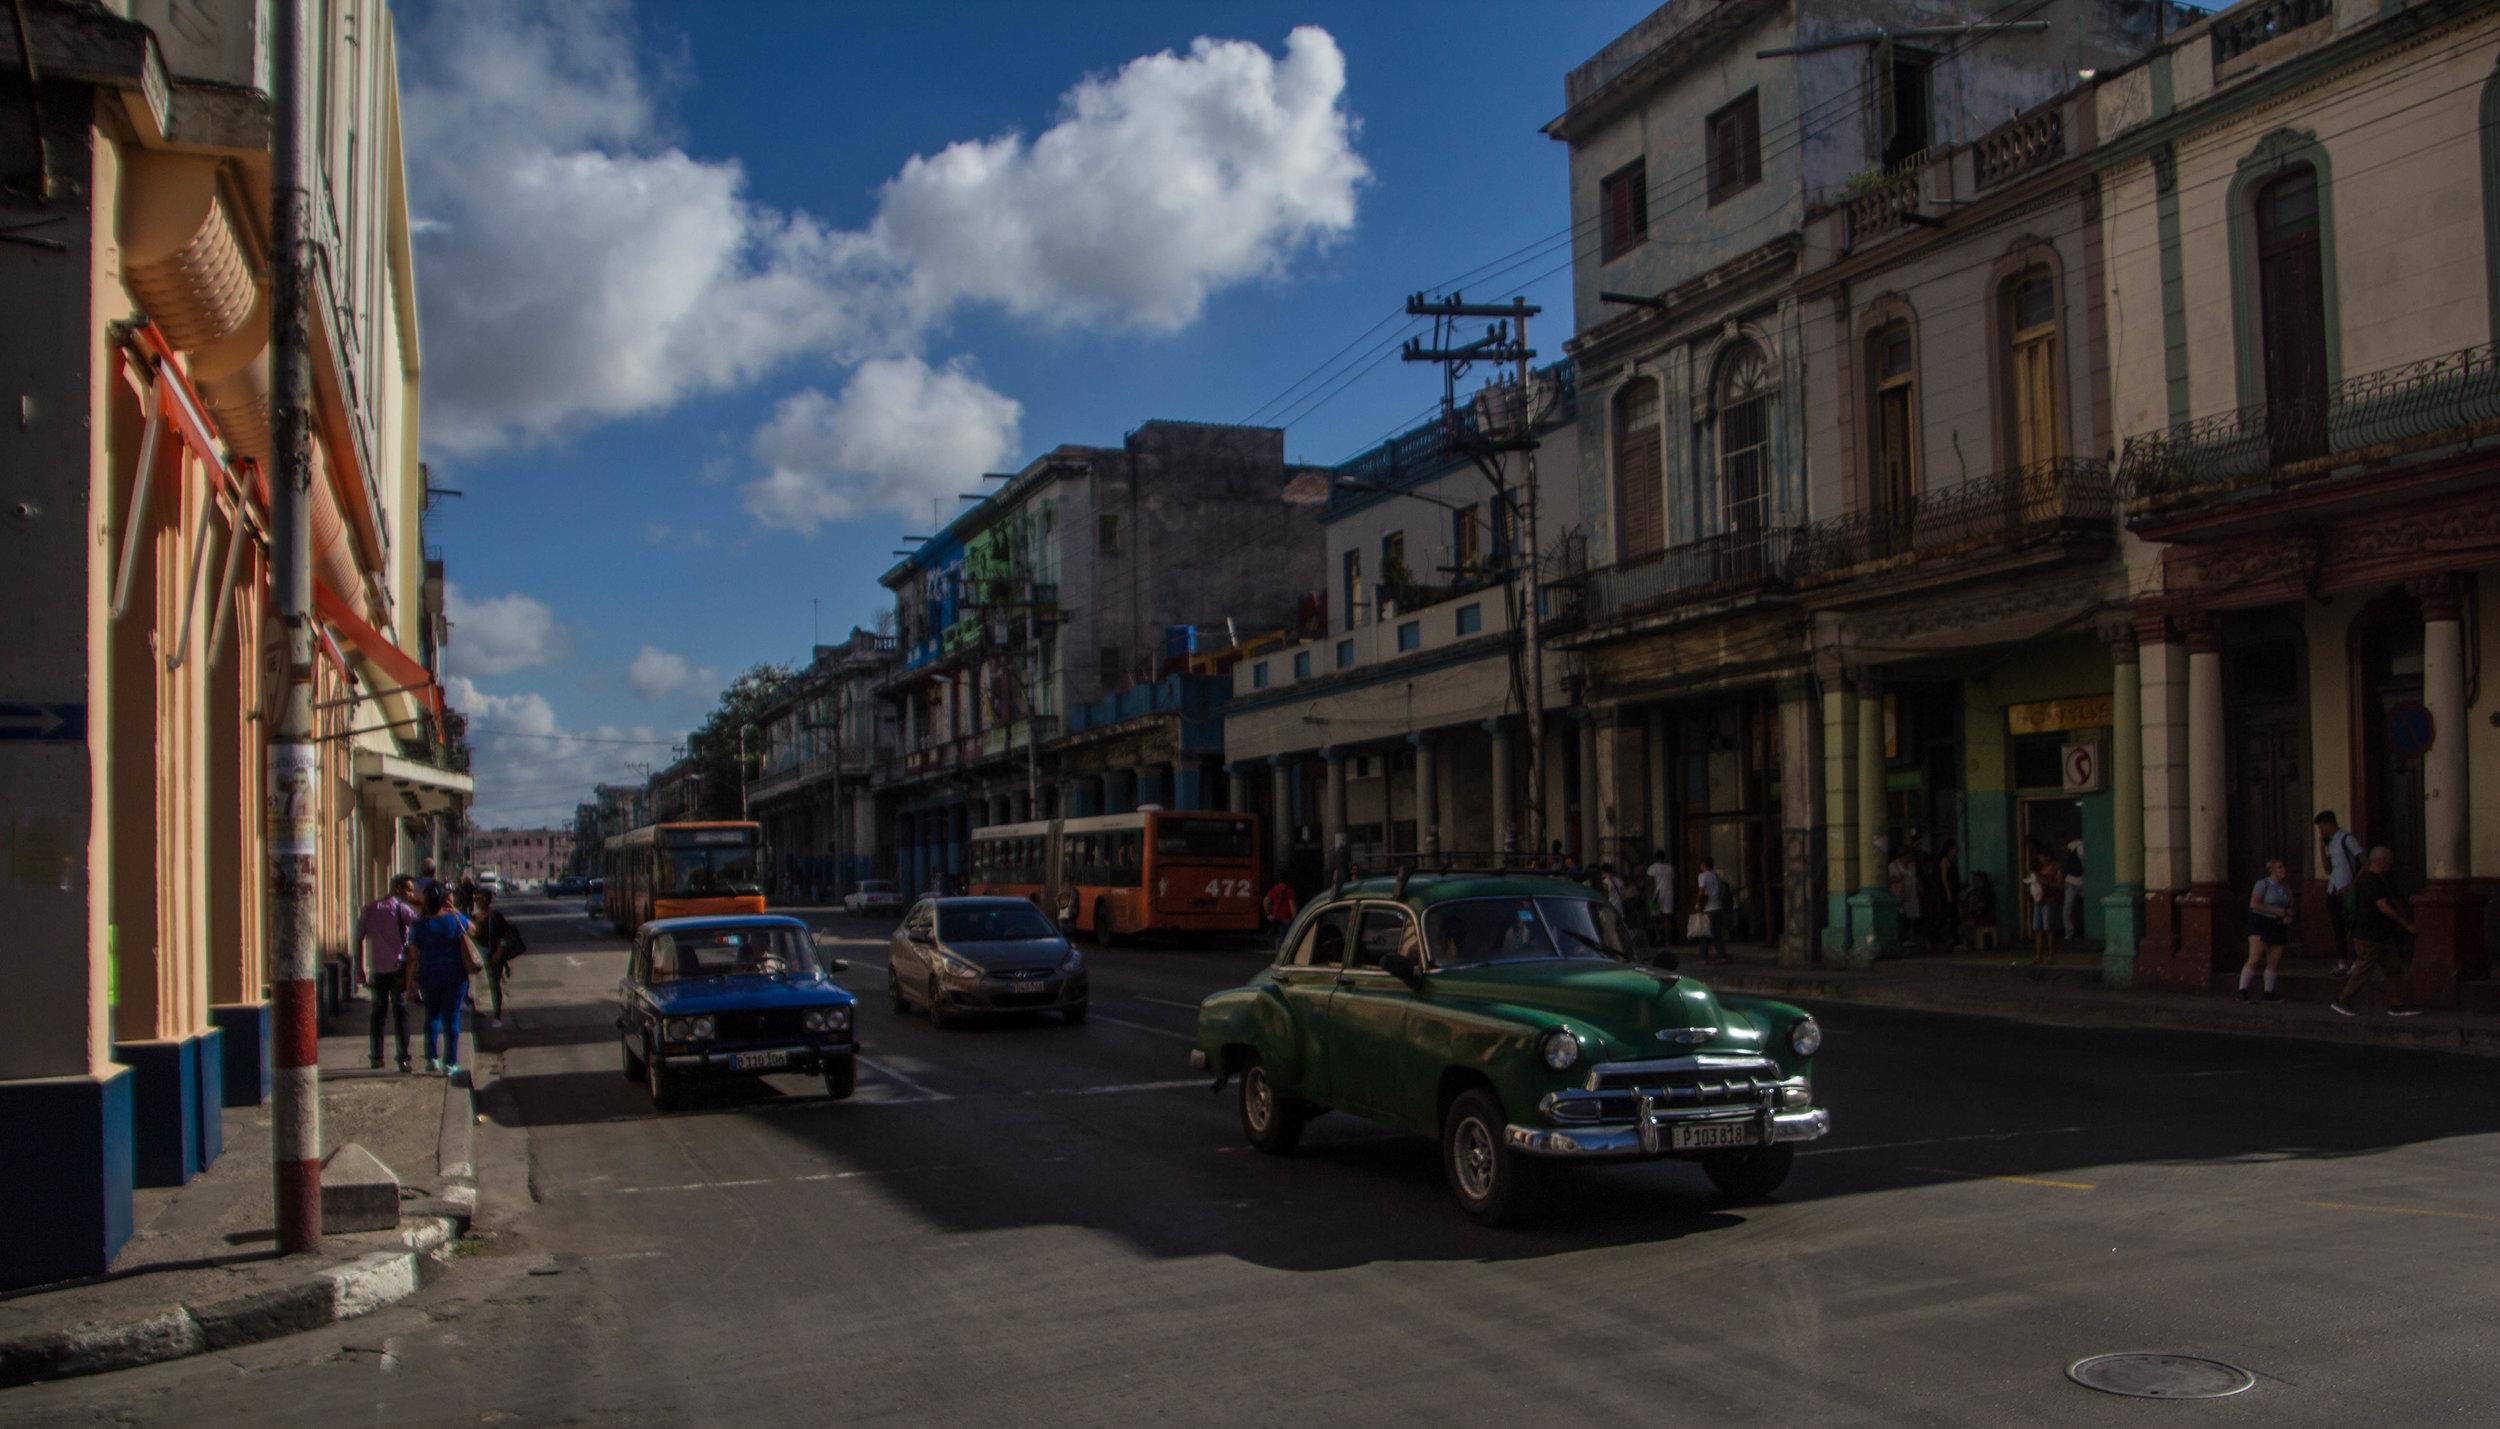 vedado havana cuba streets-1-3.jpg